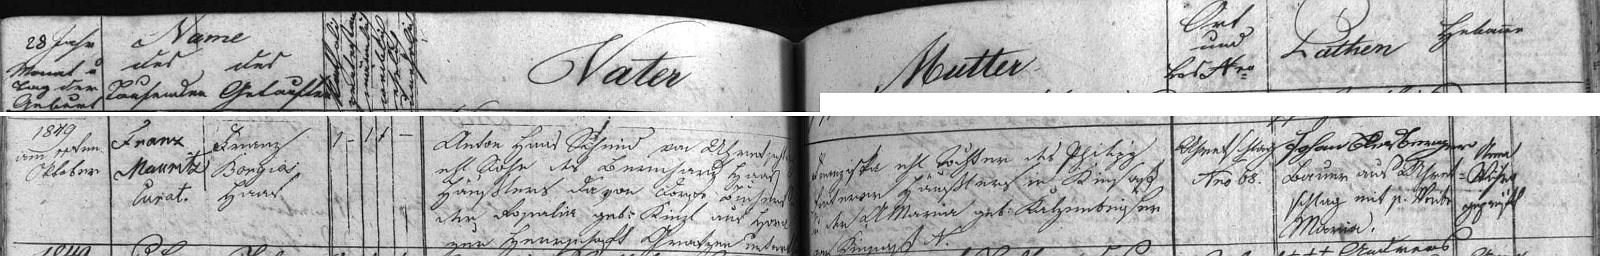 V křestní matrice farní obce Malonty záznam o jeho narození v Meziříčí (Uhretschlag) hledáme marně - jediní Haasovi tu ale byli ti kovářovi (Karl Haas a jeho žena Sofia na čp. 68, kde kovářské řemeslo provozoval i Karlův otec Anton Haas), kterým se v Meziříčí roku 1877 narodila podle tohoto záznamu dcera Juliane, rok nato syn Wenzl a v roce 1882 ještě dcera Maria